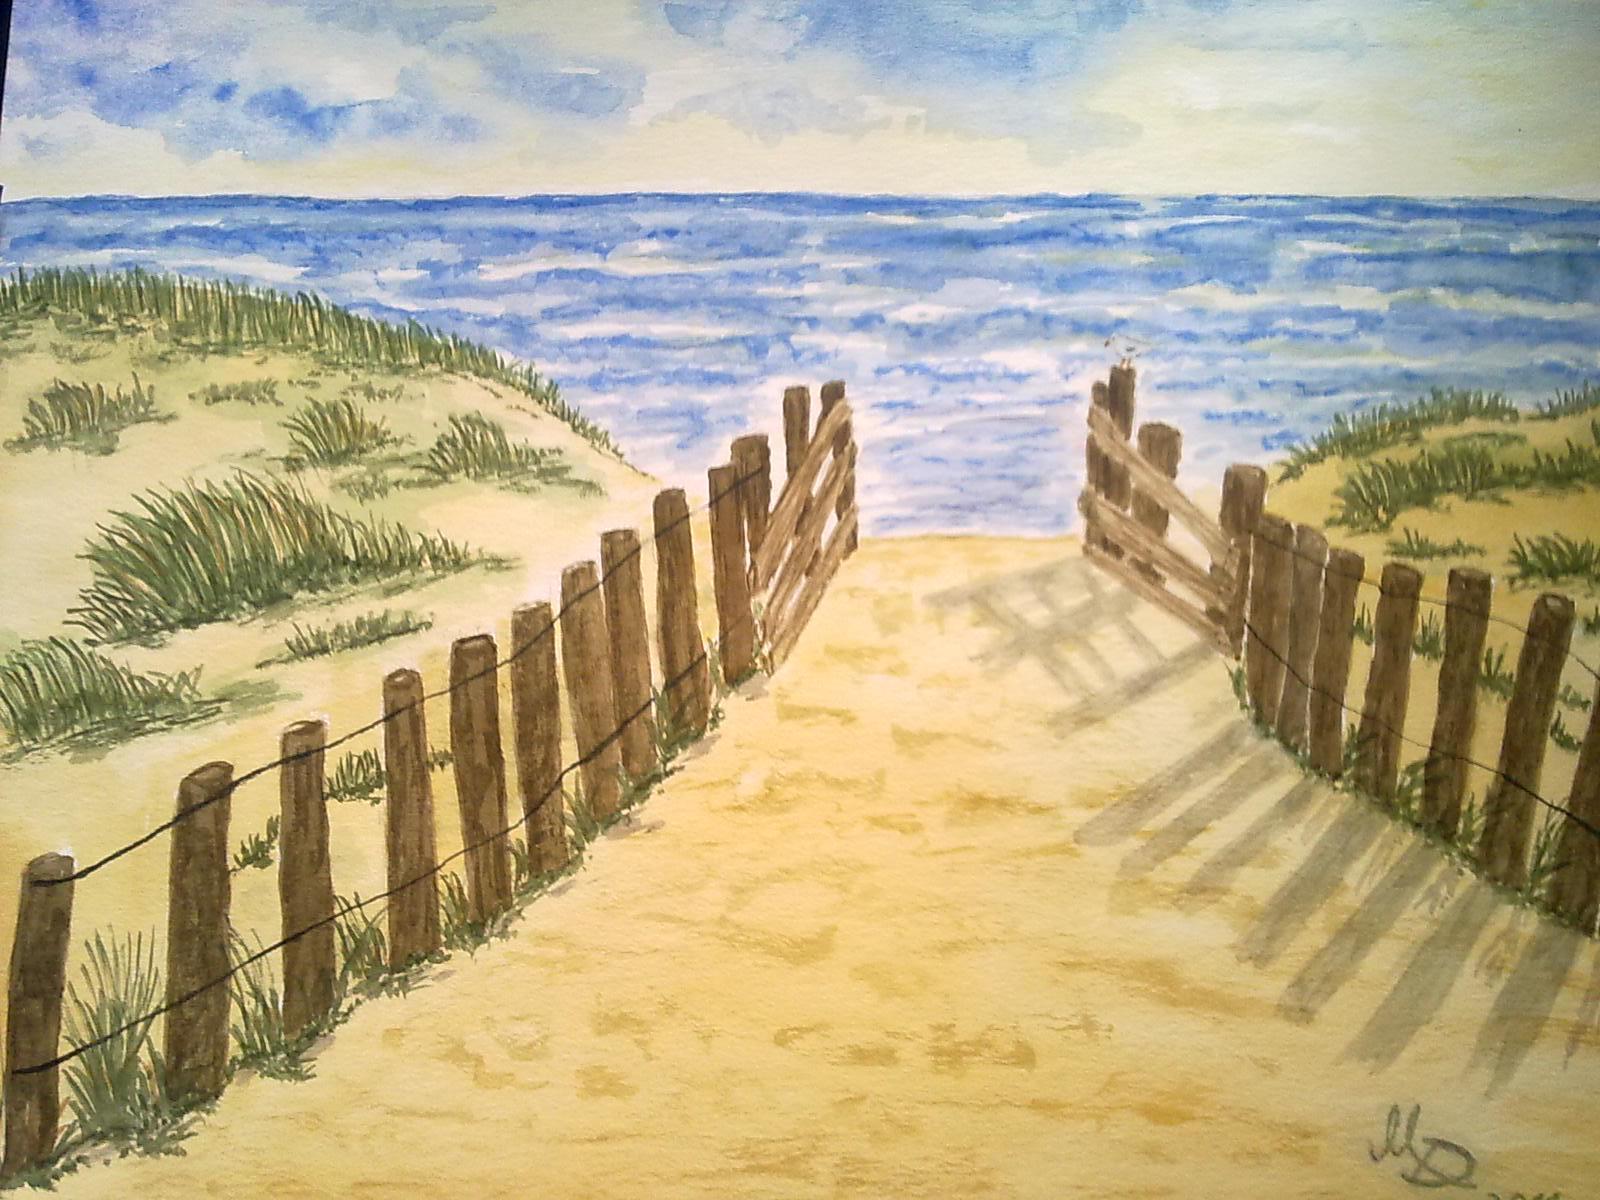 Weg zum Strand - Bild / Kunst von Manfred Dirks bei KunstNet